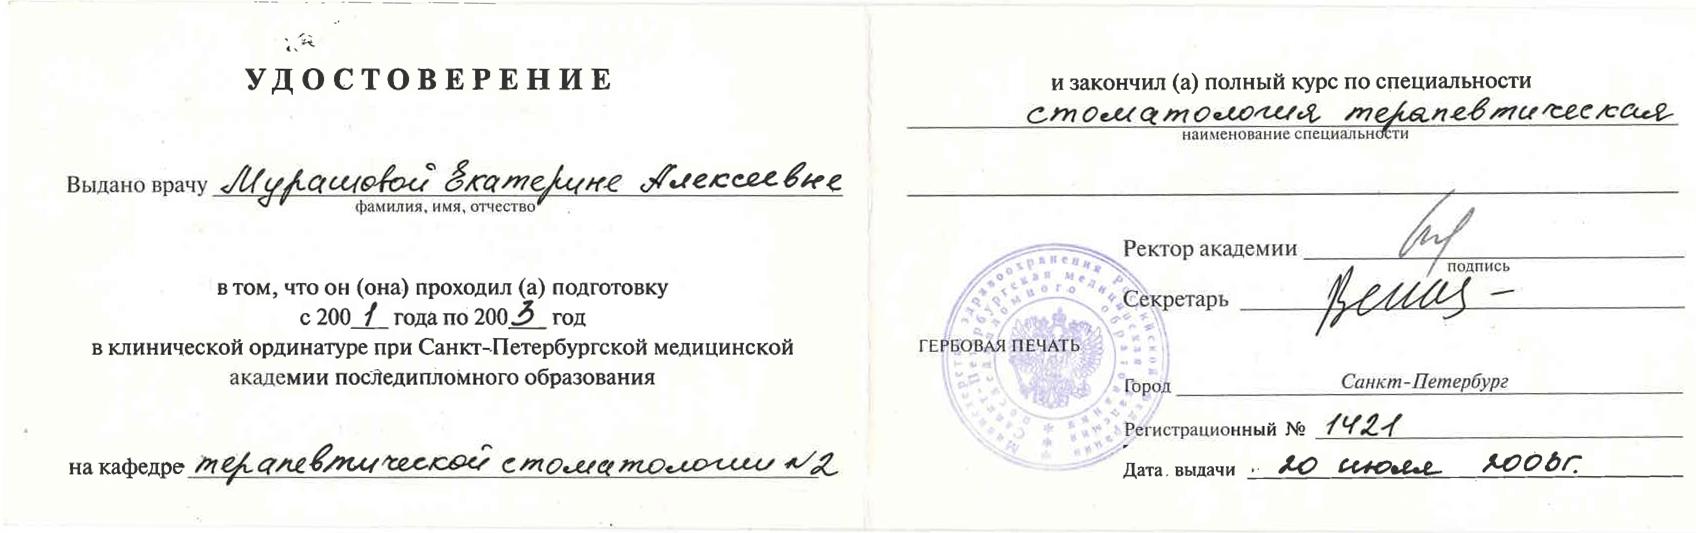 sertifikat-2-3